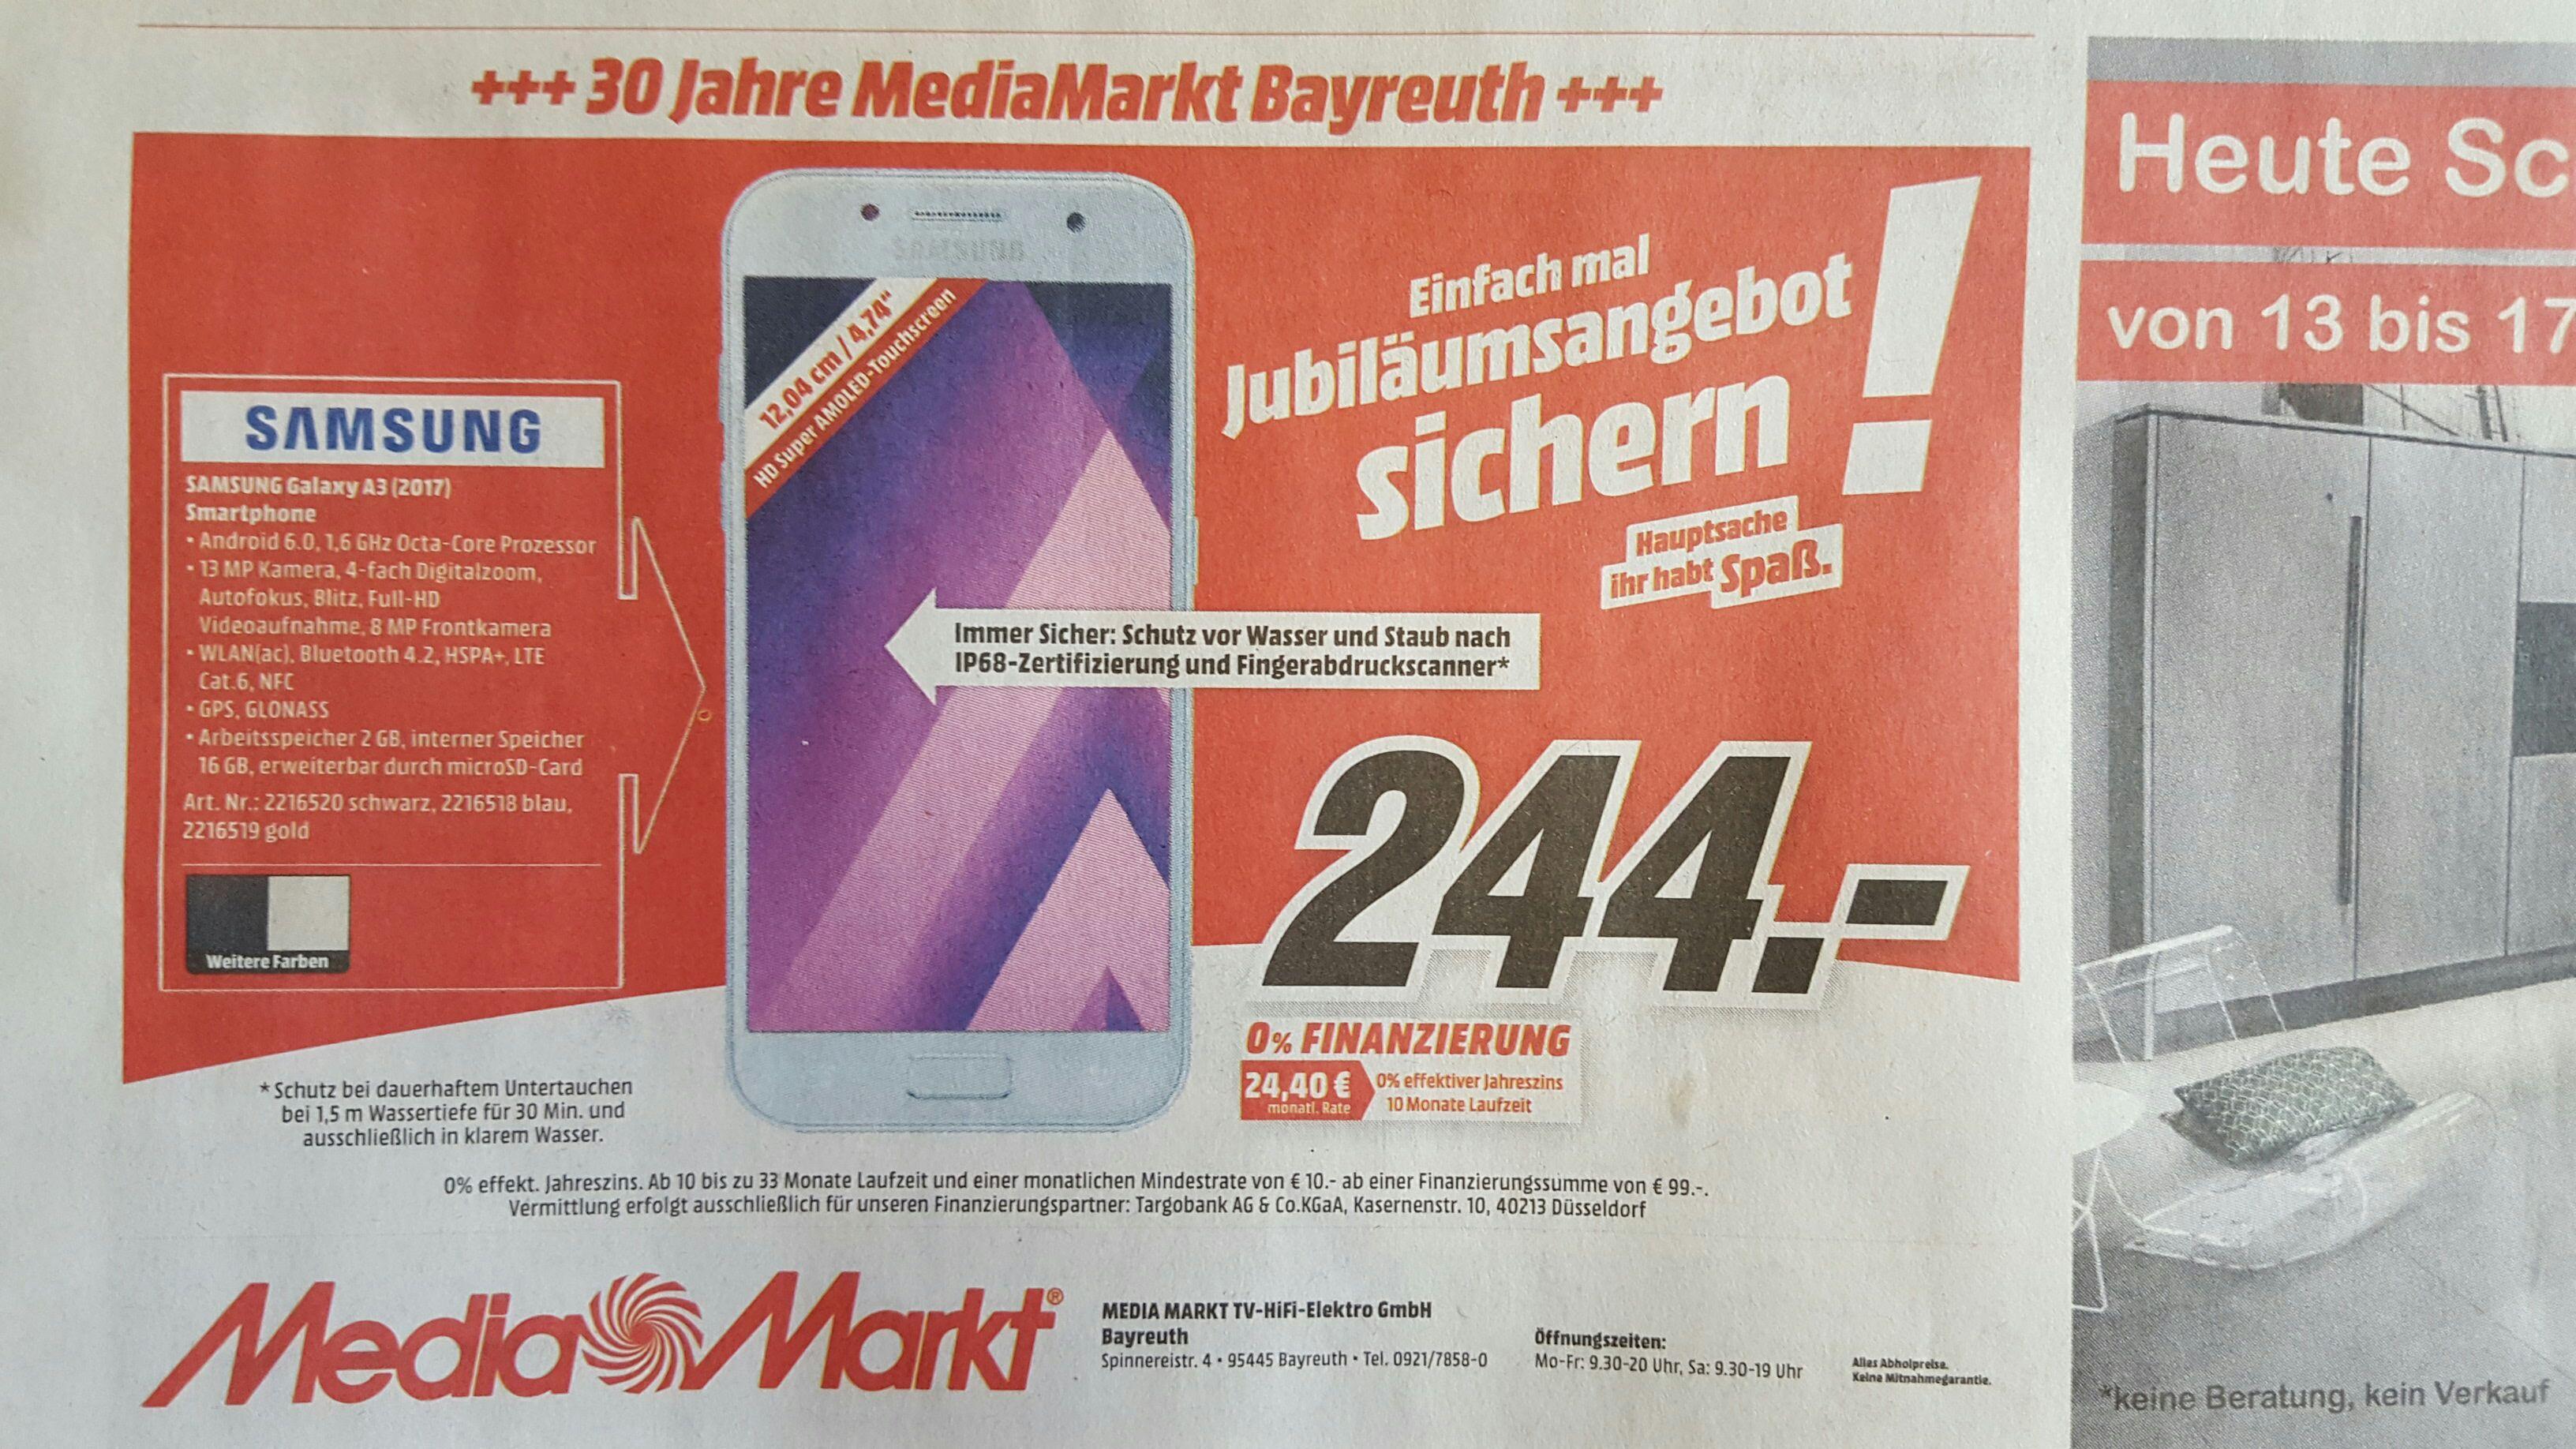 Samsung Galaxy A3 2017 LOKAL Media Markt Bayreuth